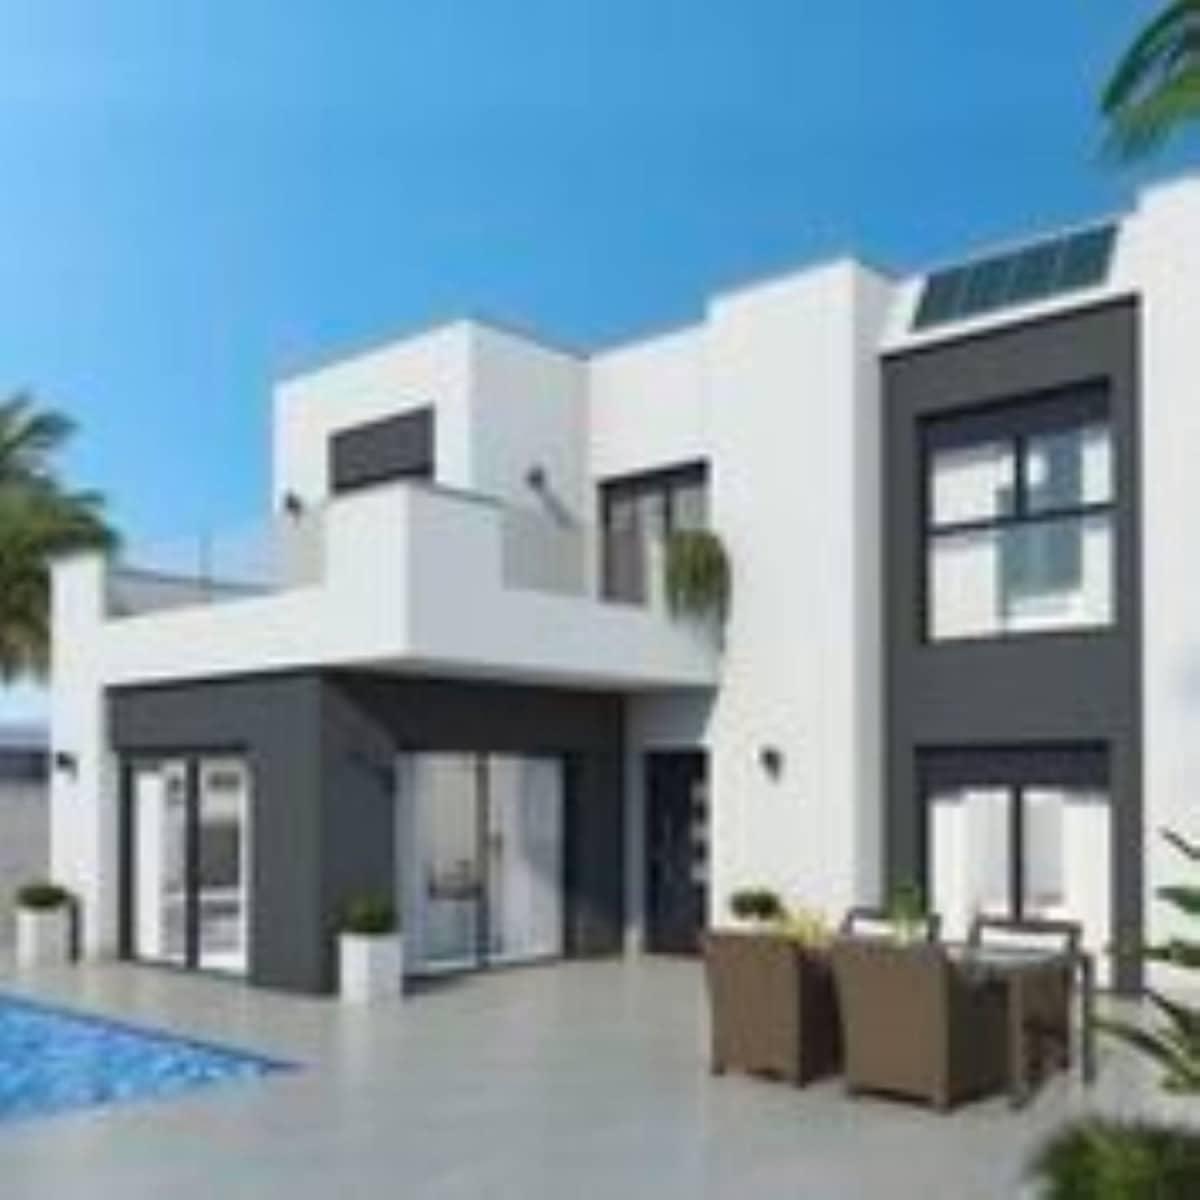 Chalet de 3 habitaciones en Benijófar en venta - 254.500 € (Ref: 5088740)